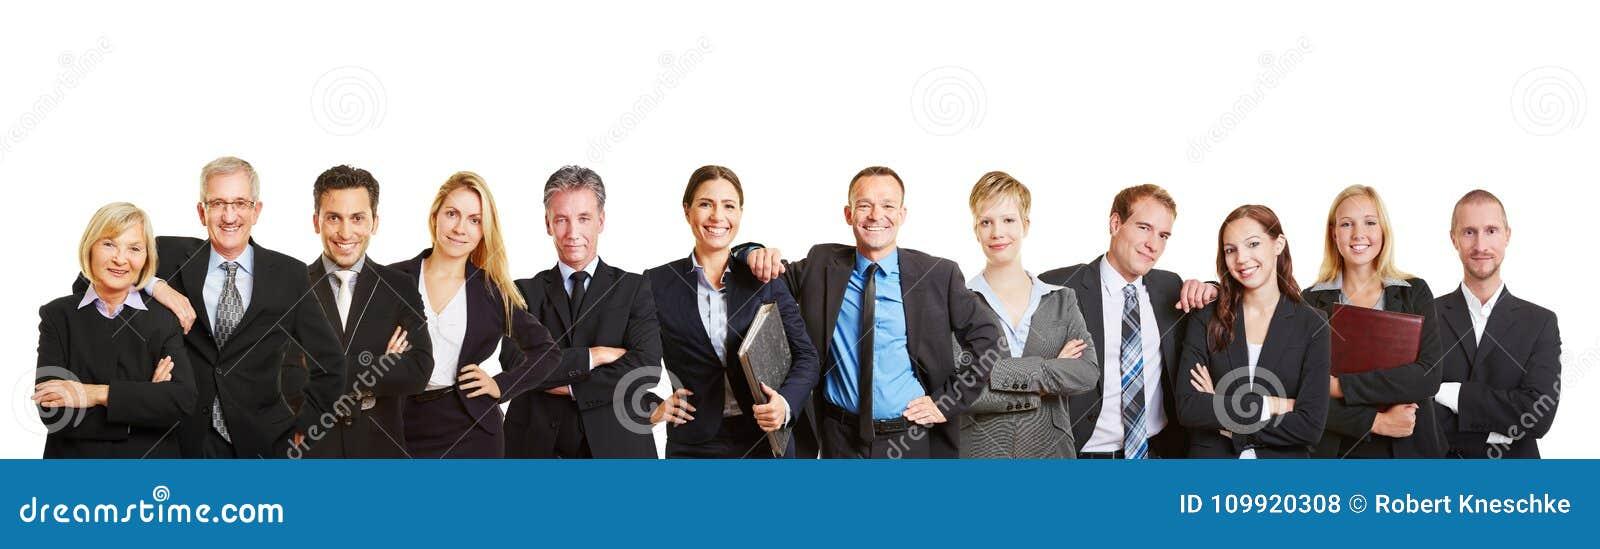 Πανόραμα με την επιχειρησιακούς ομάδα και τους επιχειρηματίες